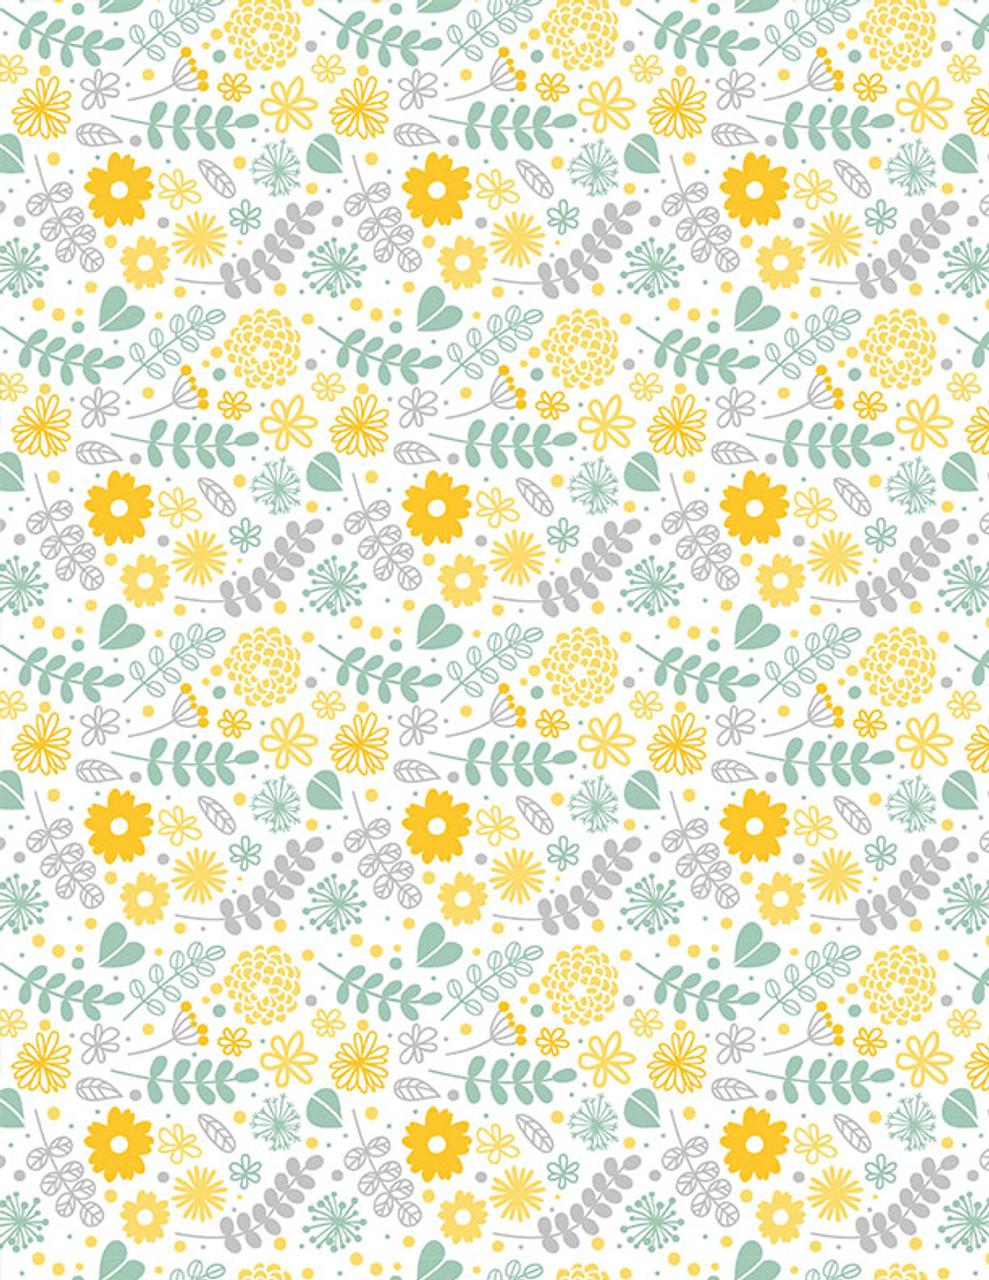 Flowers & Leafs Full Color UnderglazeTransfer19 x 13 in